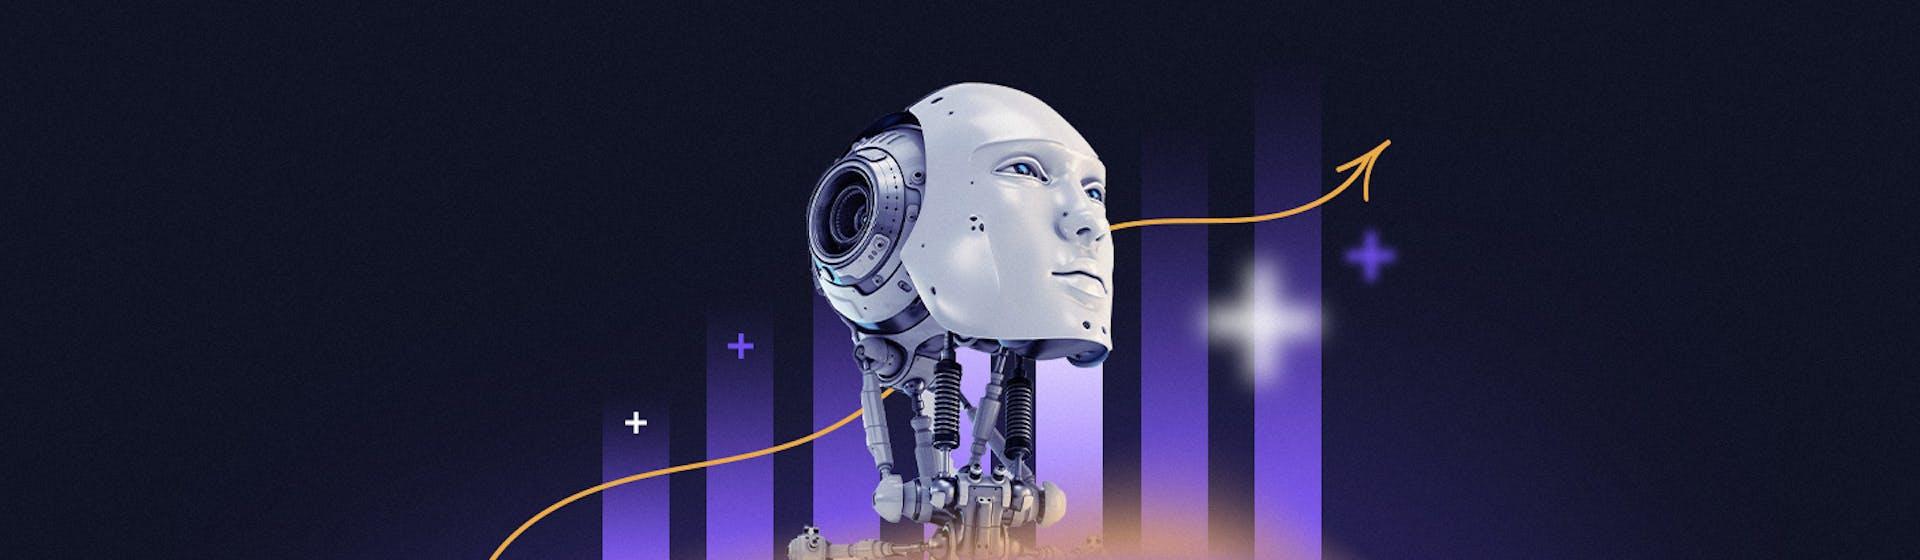 10 herramientas de inteligencia artificial para ventas: Factura como nunca